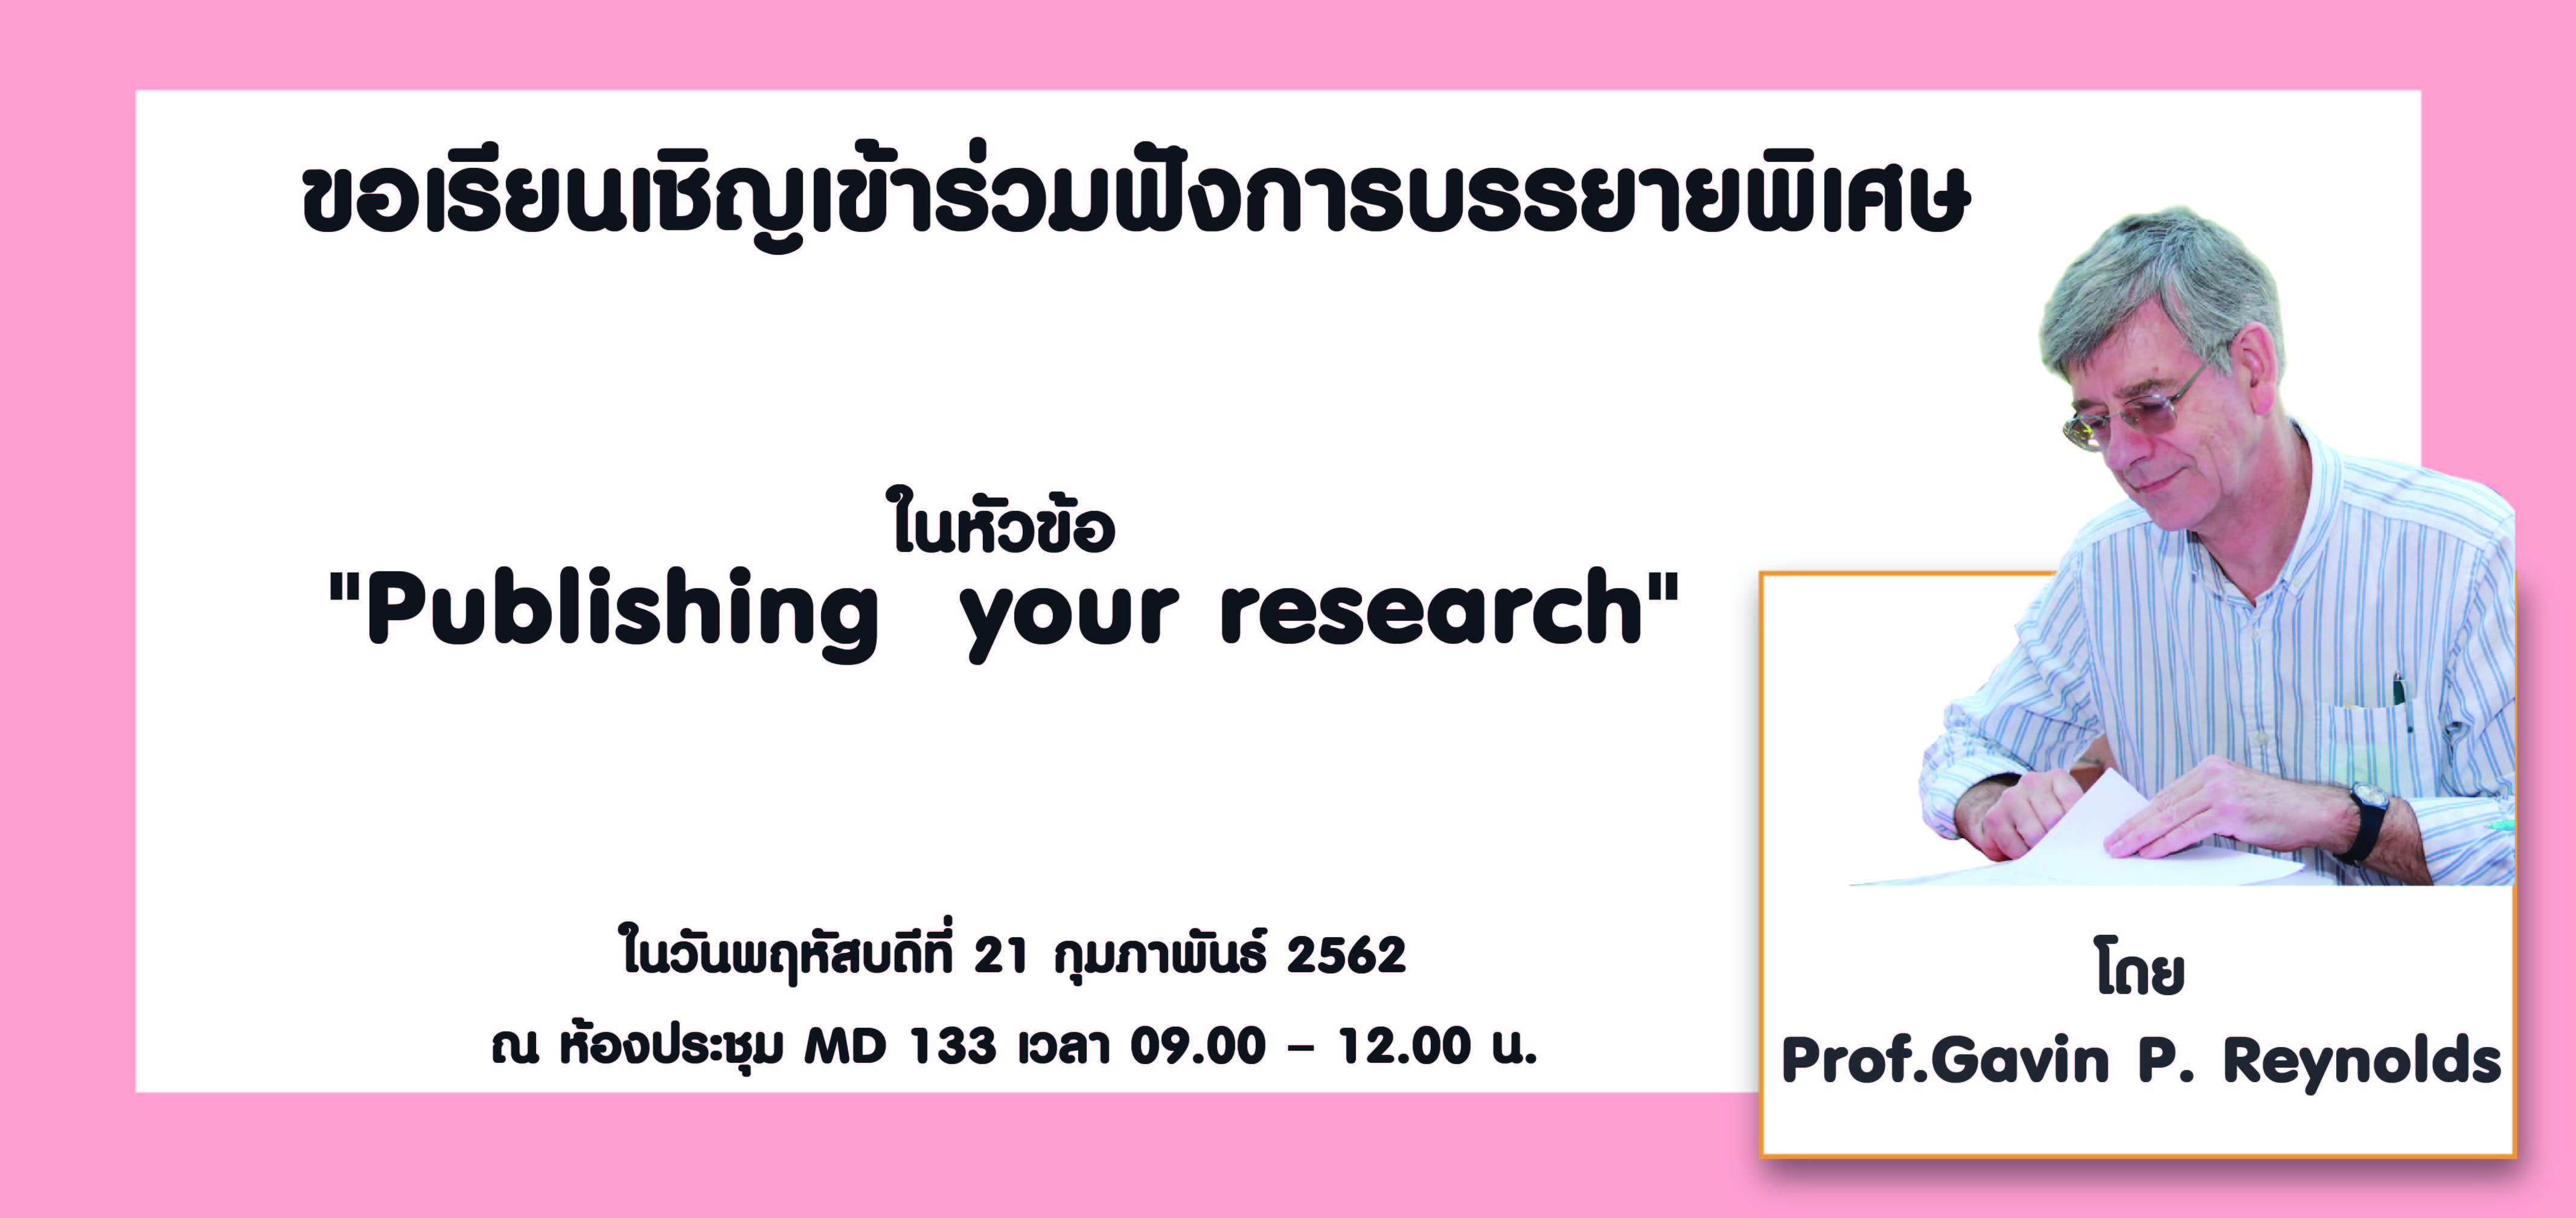 ขอเรียนเชิญเข้าร่วมฟังการบรรยายพิเศษ  หัวข้อ Publishing  your research โดย Prof.Gavin P. Reynolds ในวันพฤหัสบดีที่ 21 กุมภาพันธ์ 2562 ณ ห้องประชุม MD 133 เวลา 09.00 – 12.00 น.